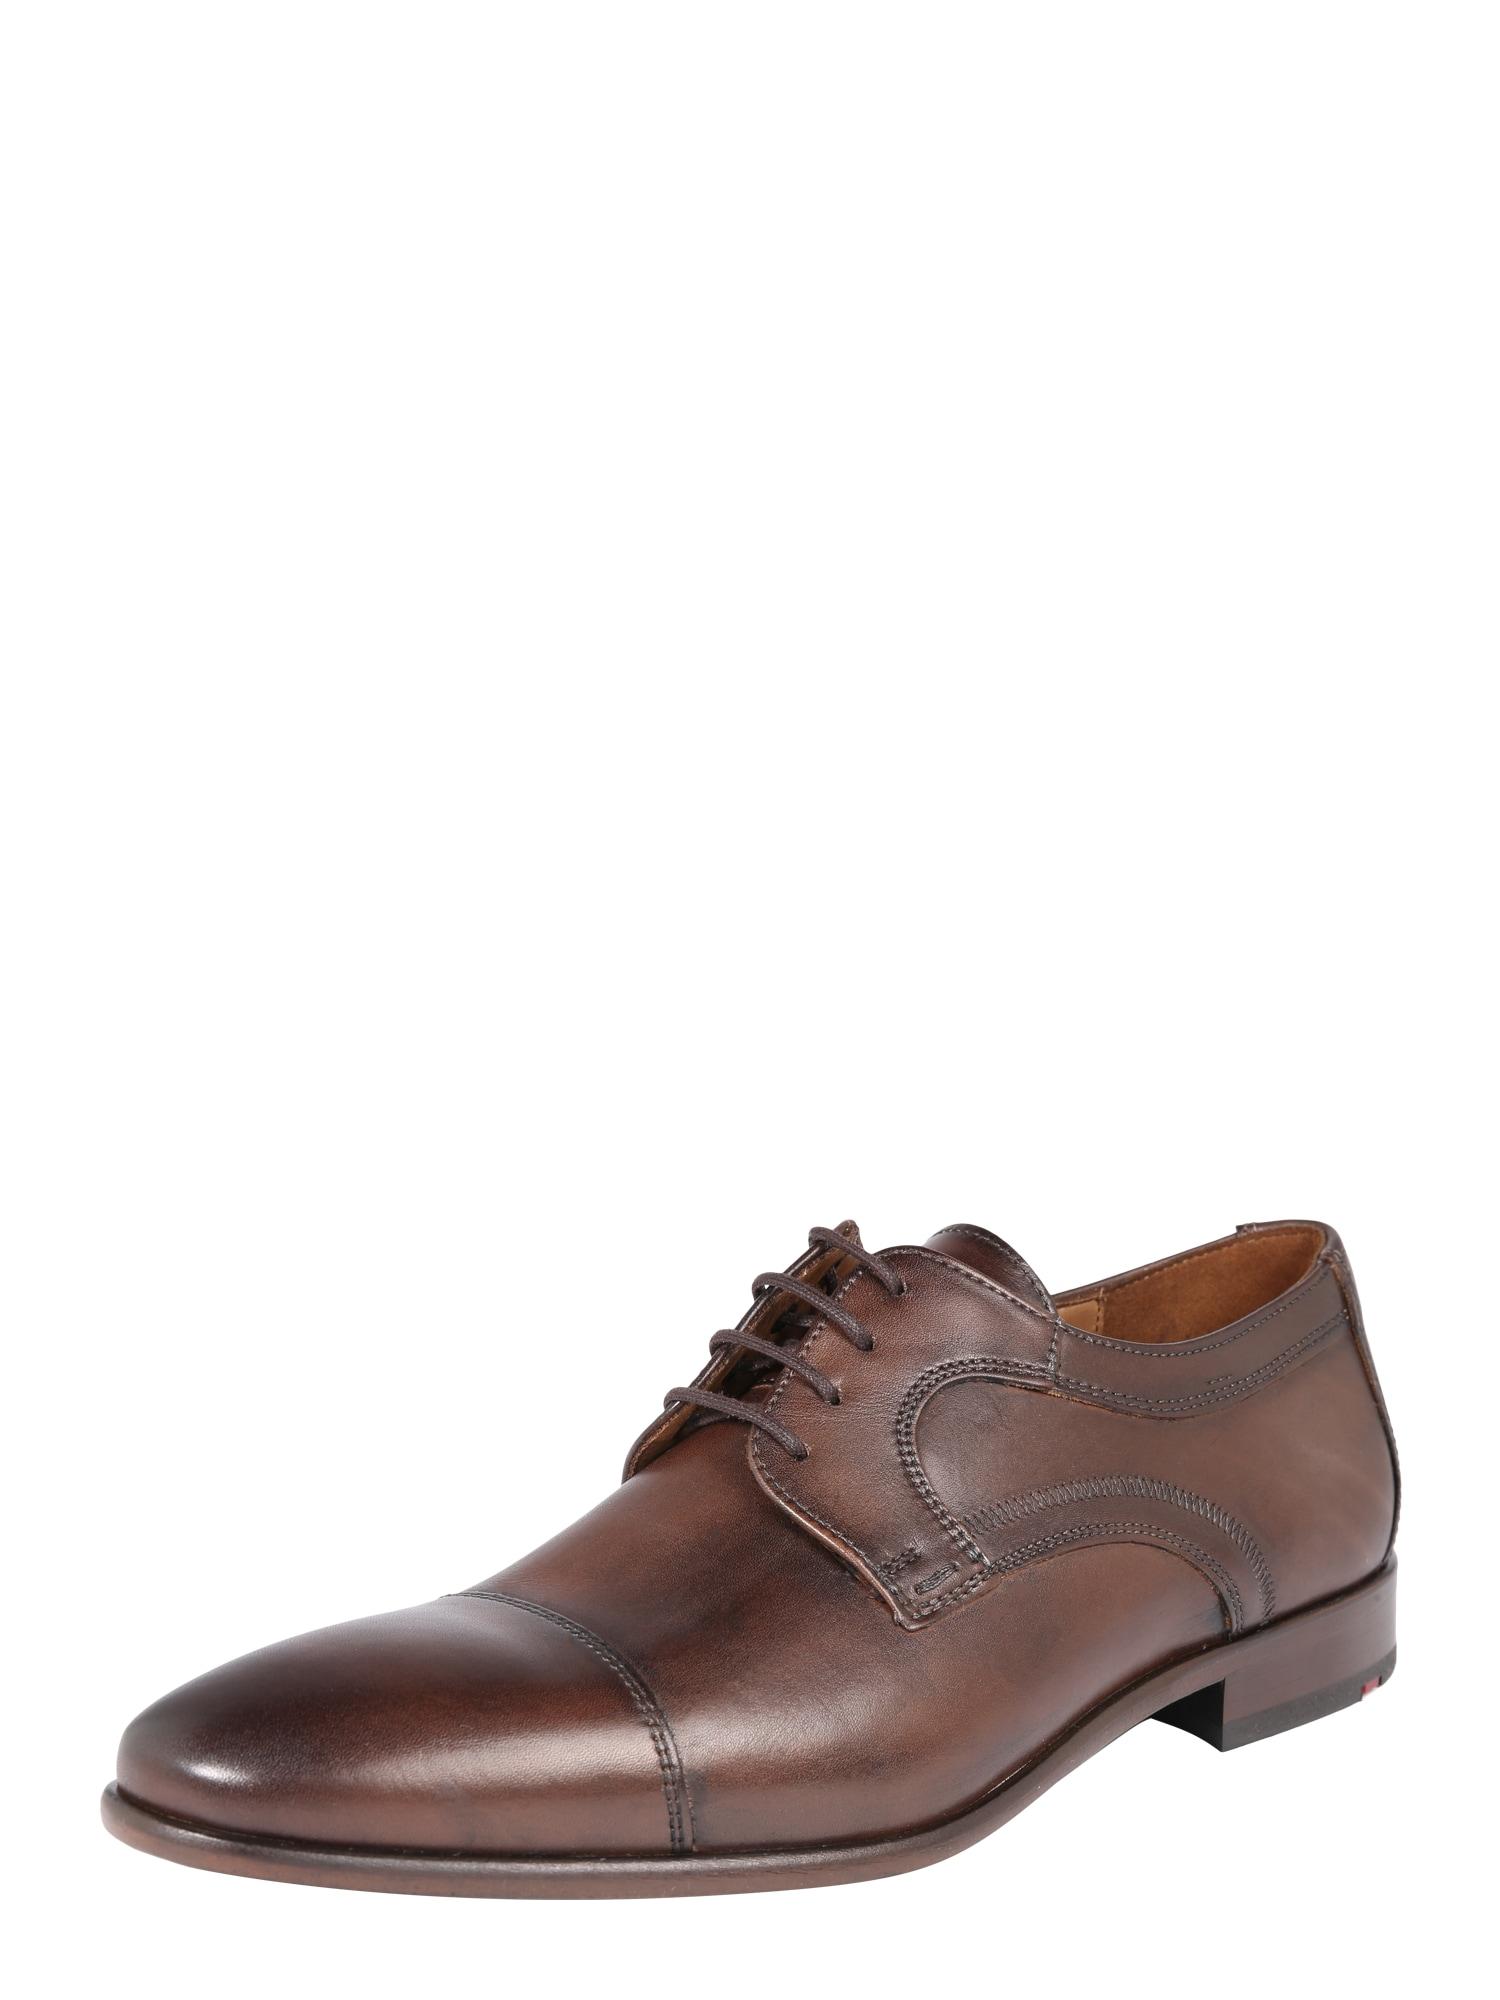 Sportovní šněrovací boty MARAN tmavě hnědá LLOYD